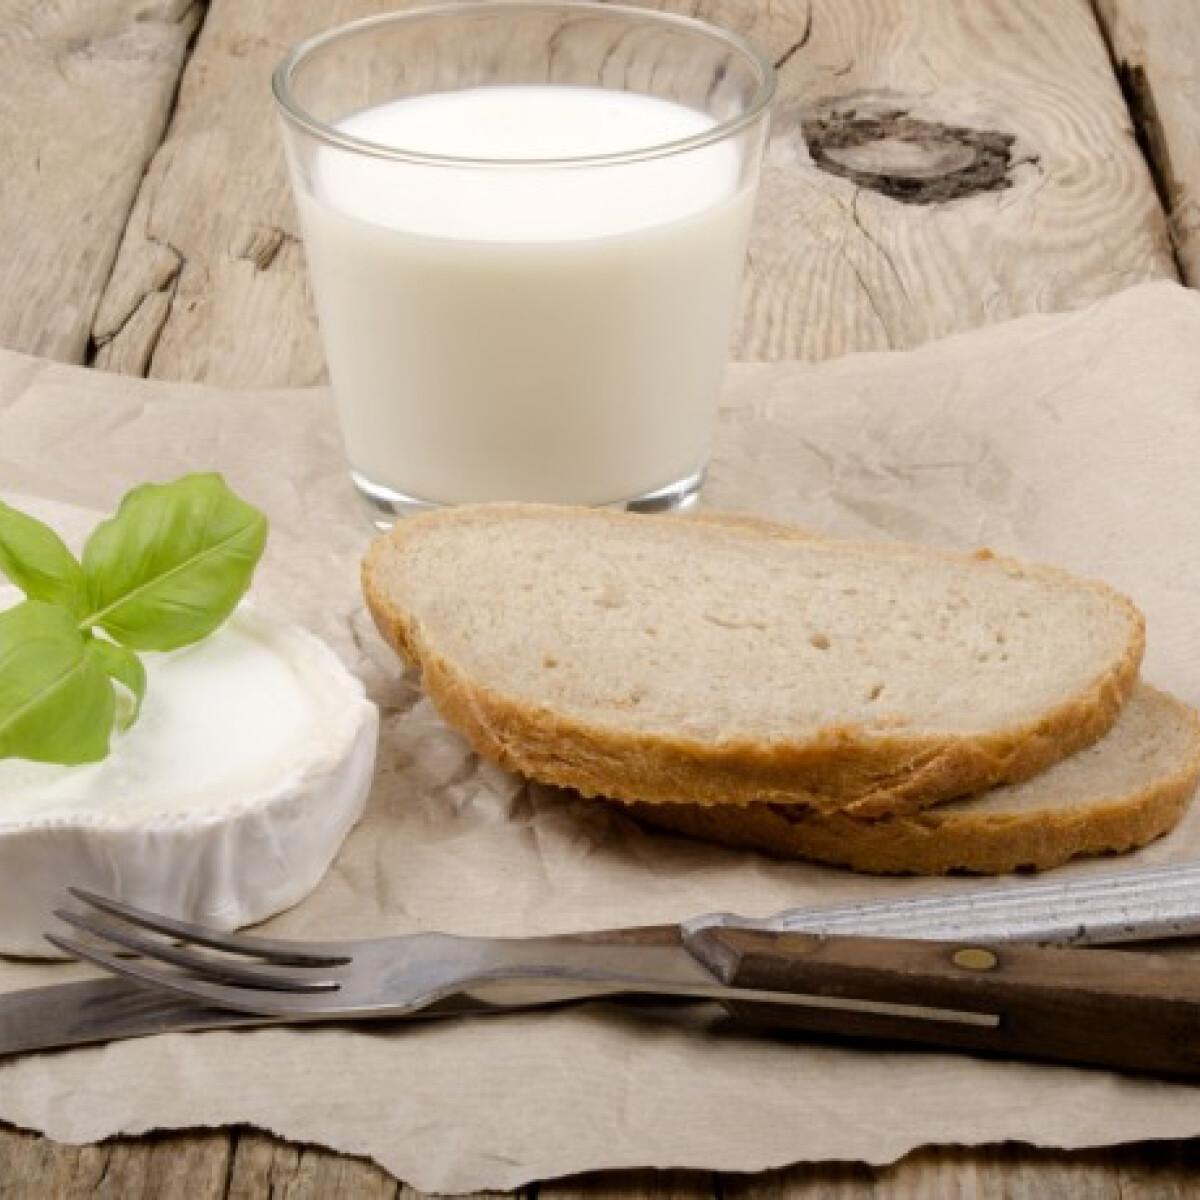 Tévhit vagy valóság: a tejfehérje-allergiások tényleg ihatnak kecsketejet?